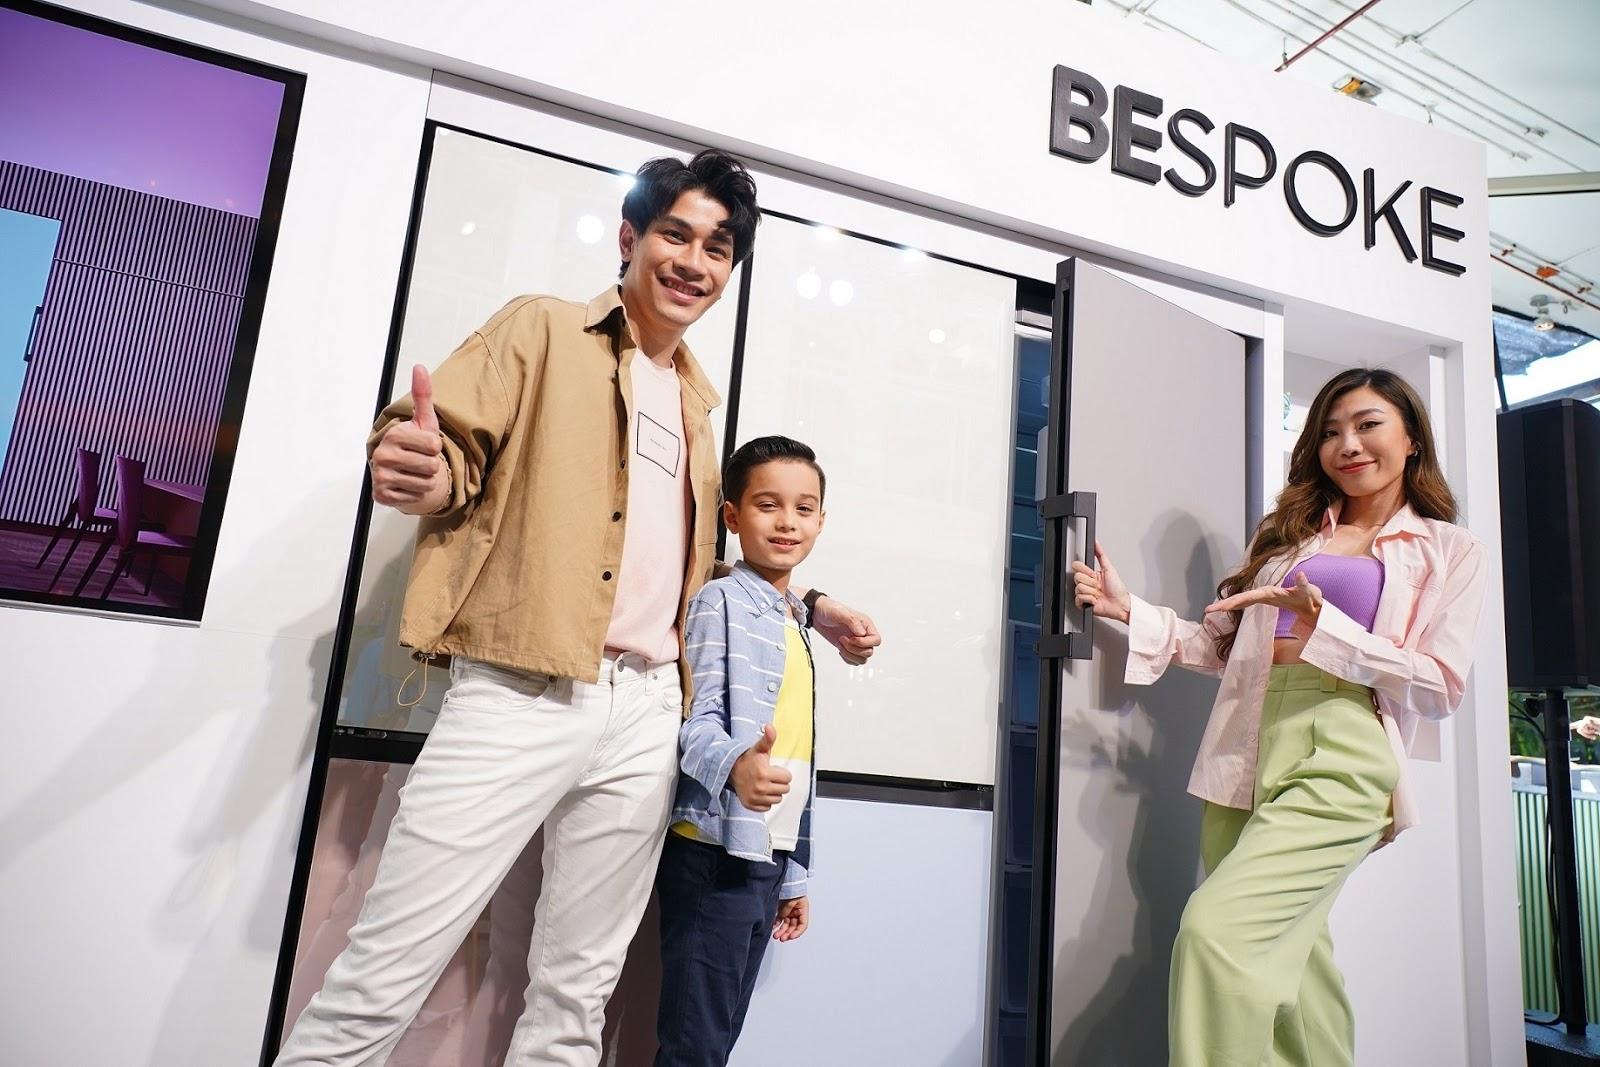 ครั้งแรกของเมืองไทยกับการเปิดตัวเครื่องใช้ไฟฟ้าแนวคิดใหม่ Samsung BESPOKE พลิกคอนเซ็ปต์ไลฟ์สไตล์ไอเท็ม (Tech Lifestyle) ตอบโจทย์กลุ่มมิลเลนเนียล